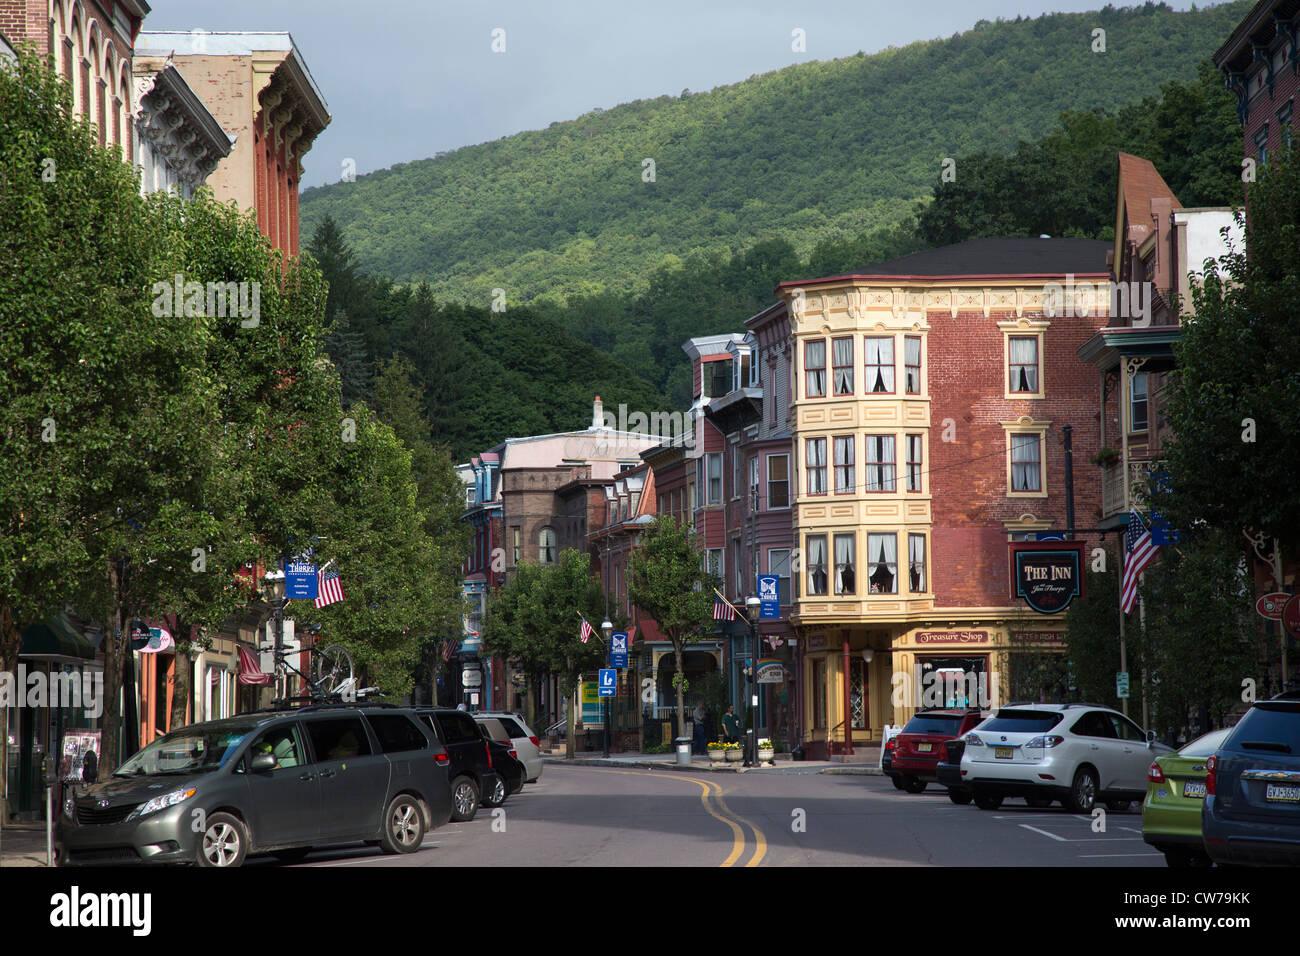 Le centre-ville de Jim Thorpe, Pennsylvanie. Photo Stock